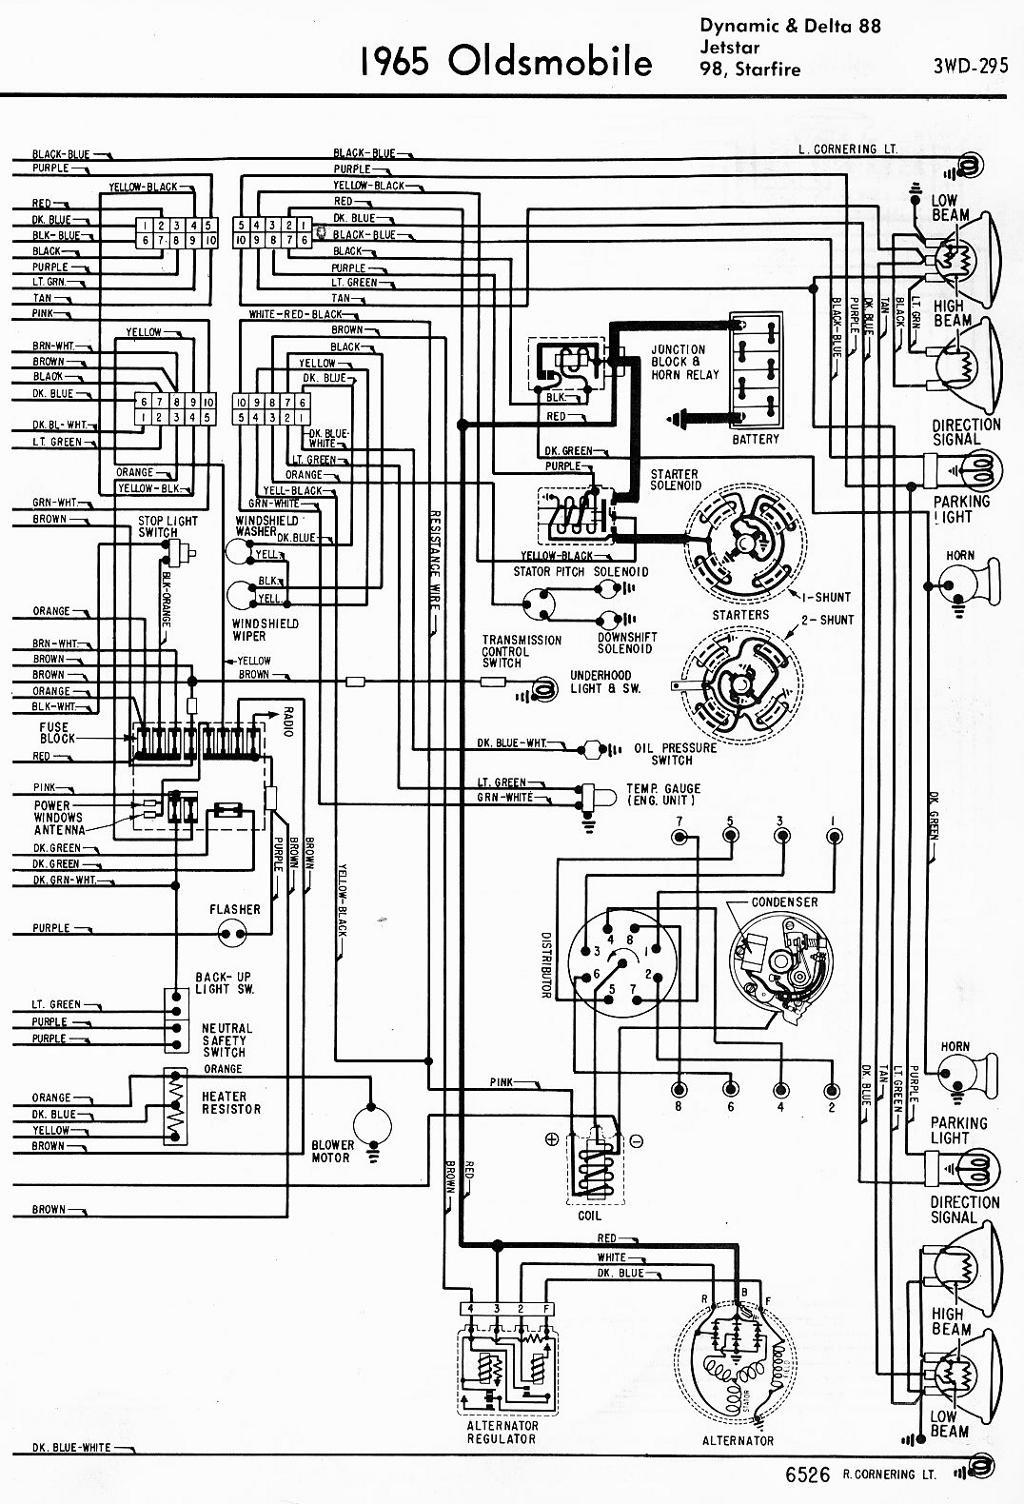 hight resolution of 2004 oldsmobile alero wiring diagram wiring library rh 50 skriptoase de 2004 alero fuel pump wiring diagram 2004 alero radio wiring diagram